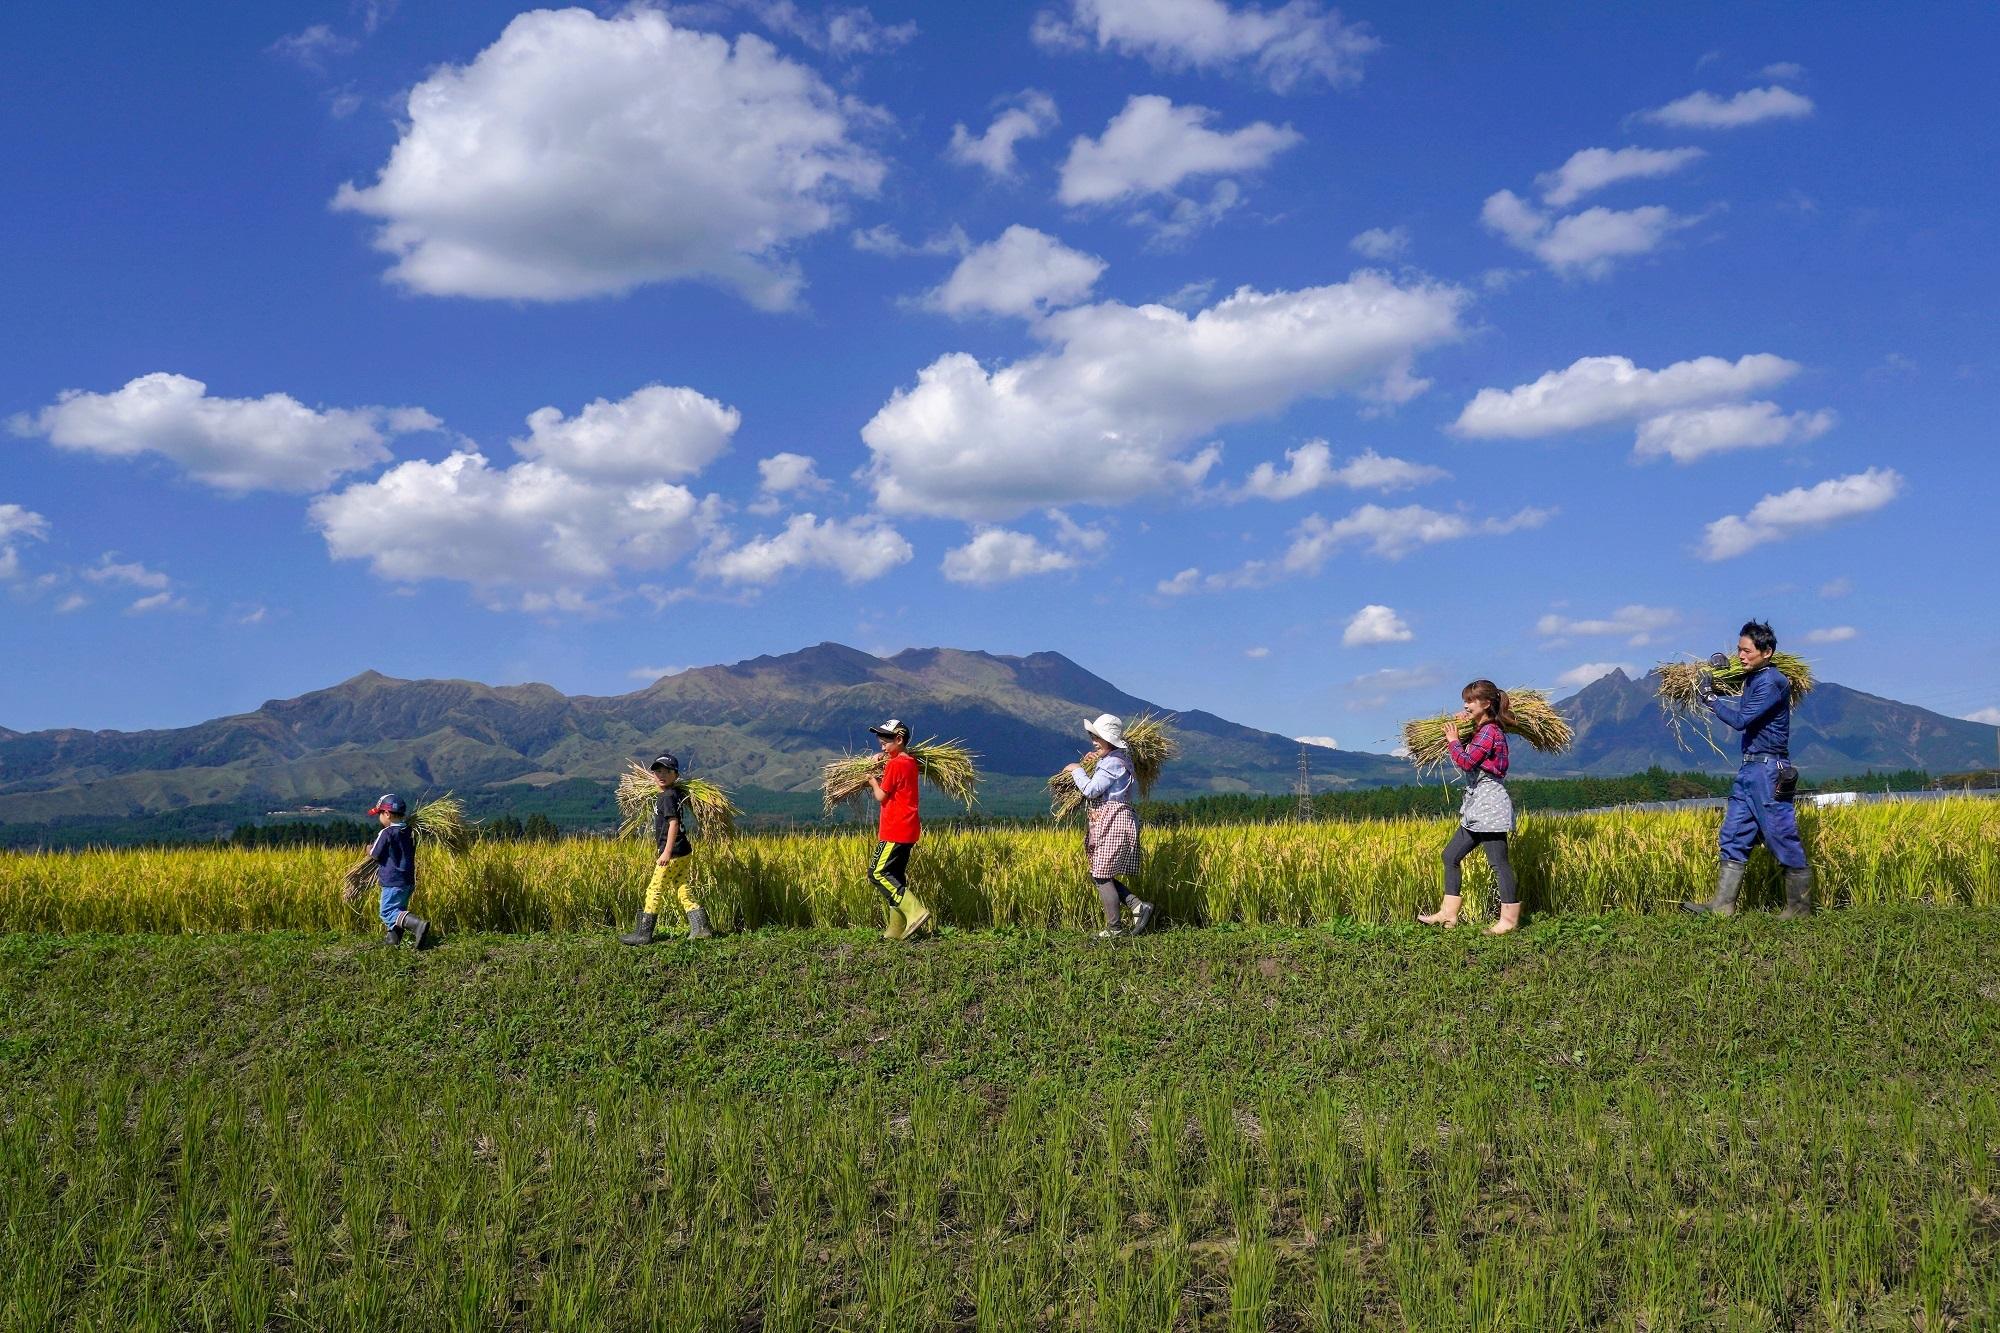 自然にときめくリゾート休暇村、今年で17年目の「ふれあい写真コンテスト2019」を開催!入賞者に賞状と宿泊券などをプレゼント